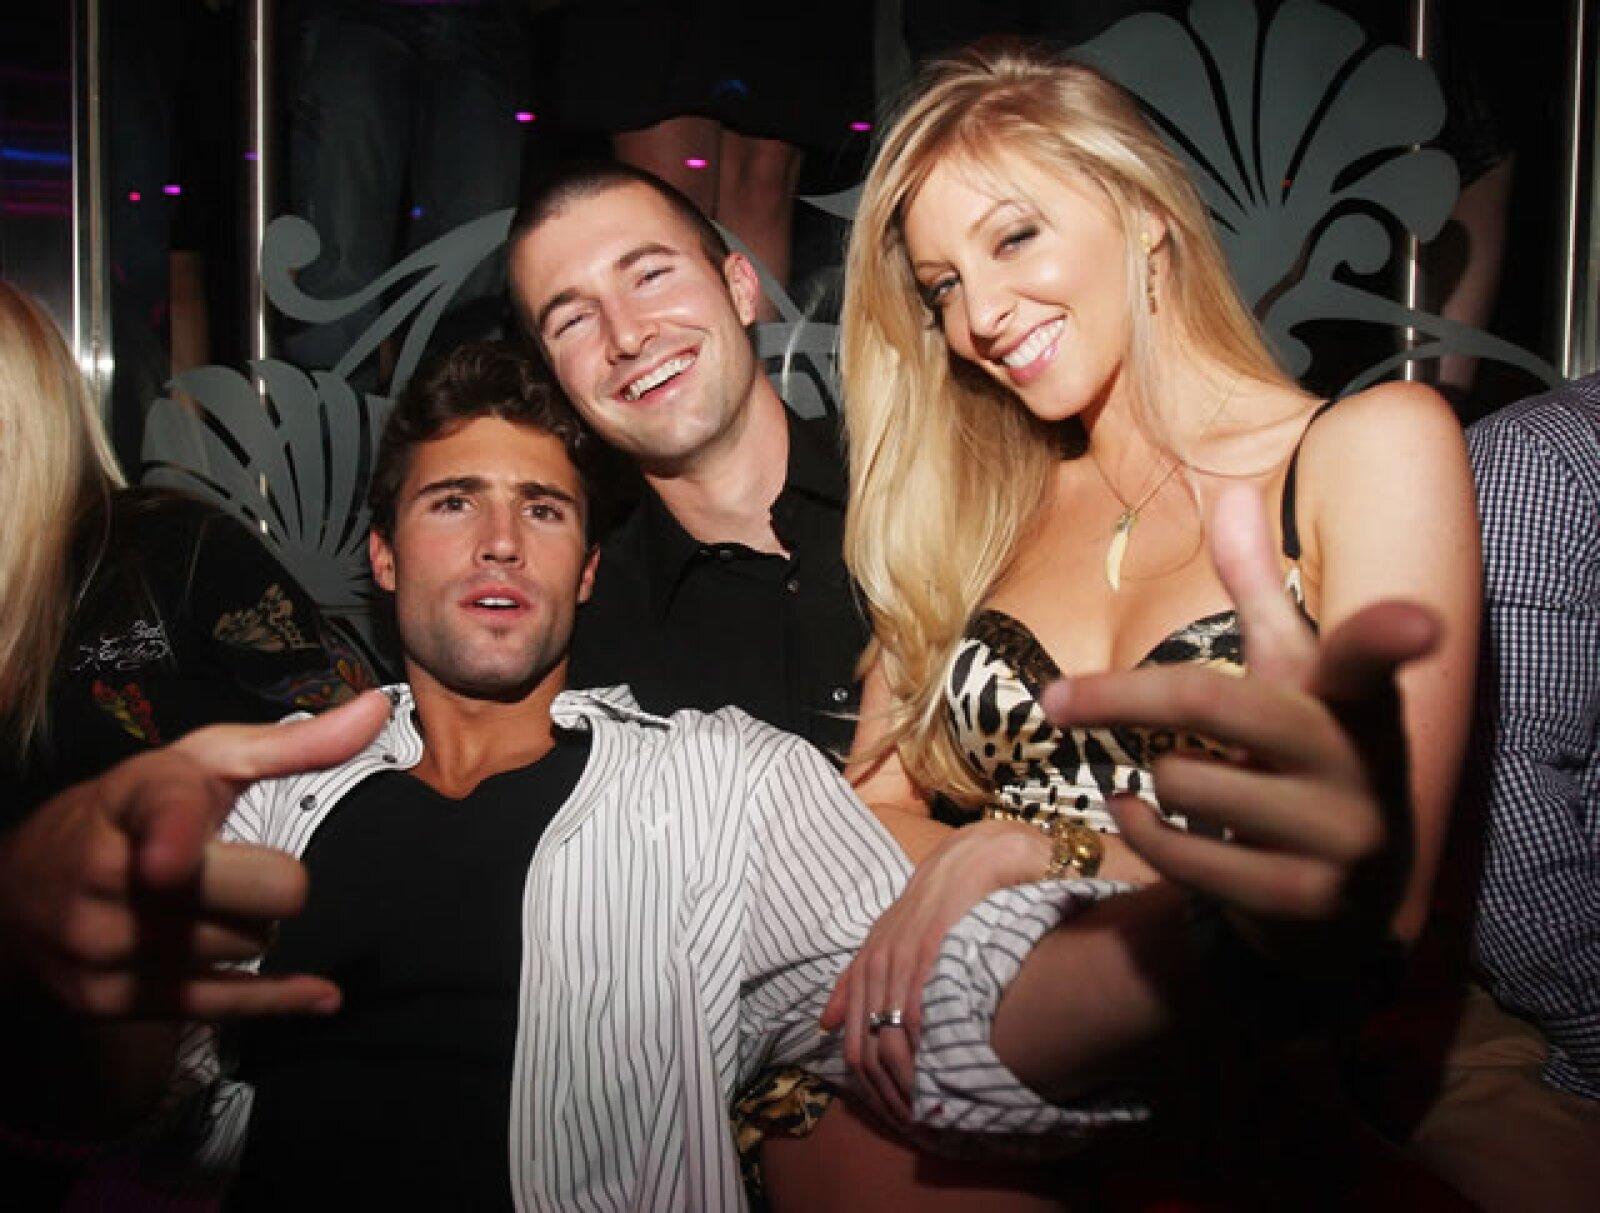 Esta chica tiene una linda relación con Brandon, con quien tuvo una boda de ensueño en Hawaii.